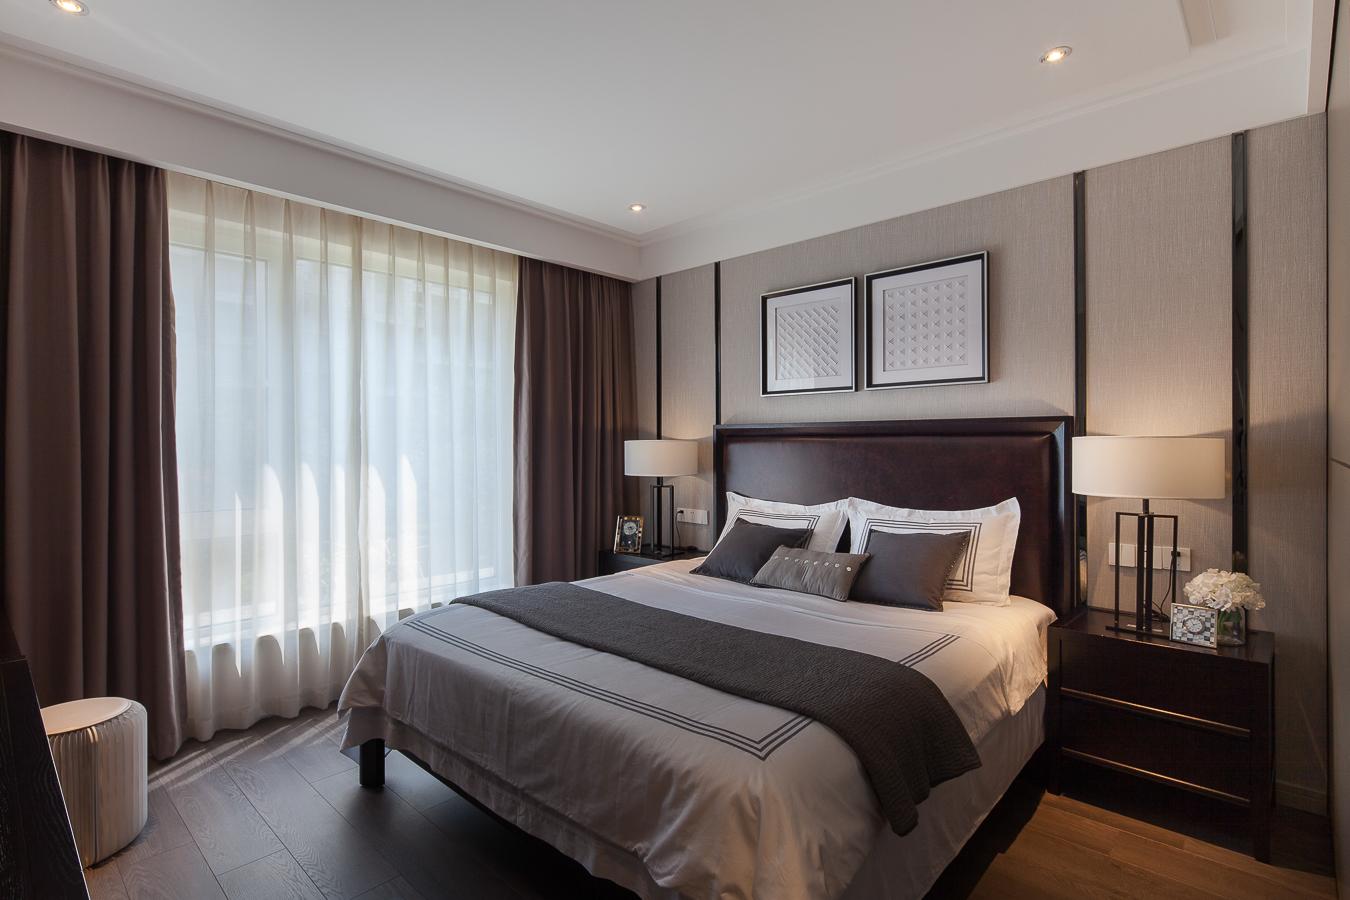 主卧空间较大但设计相对简单,不花哨但却能表现新中式风格的端庄与内敛。